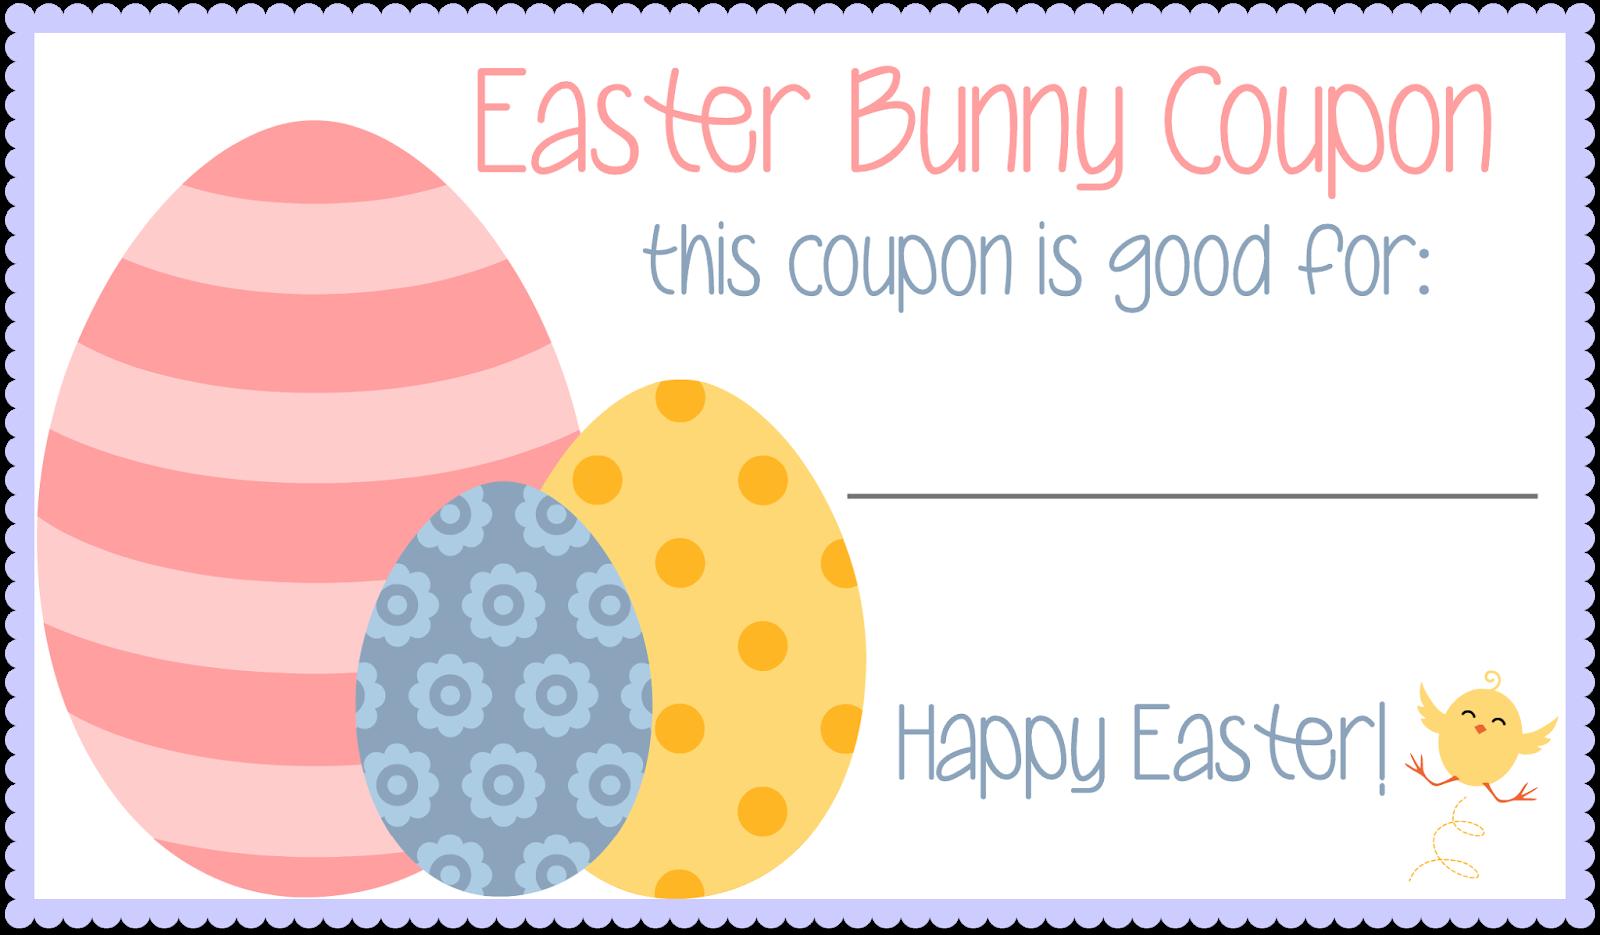 Minibar coupon code